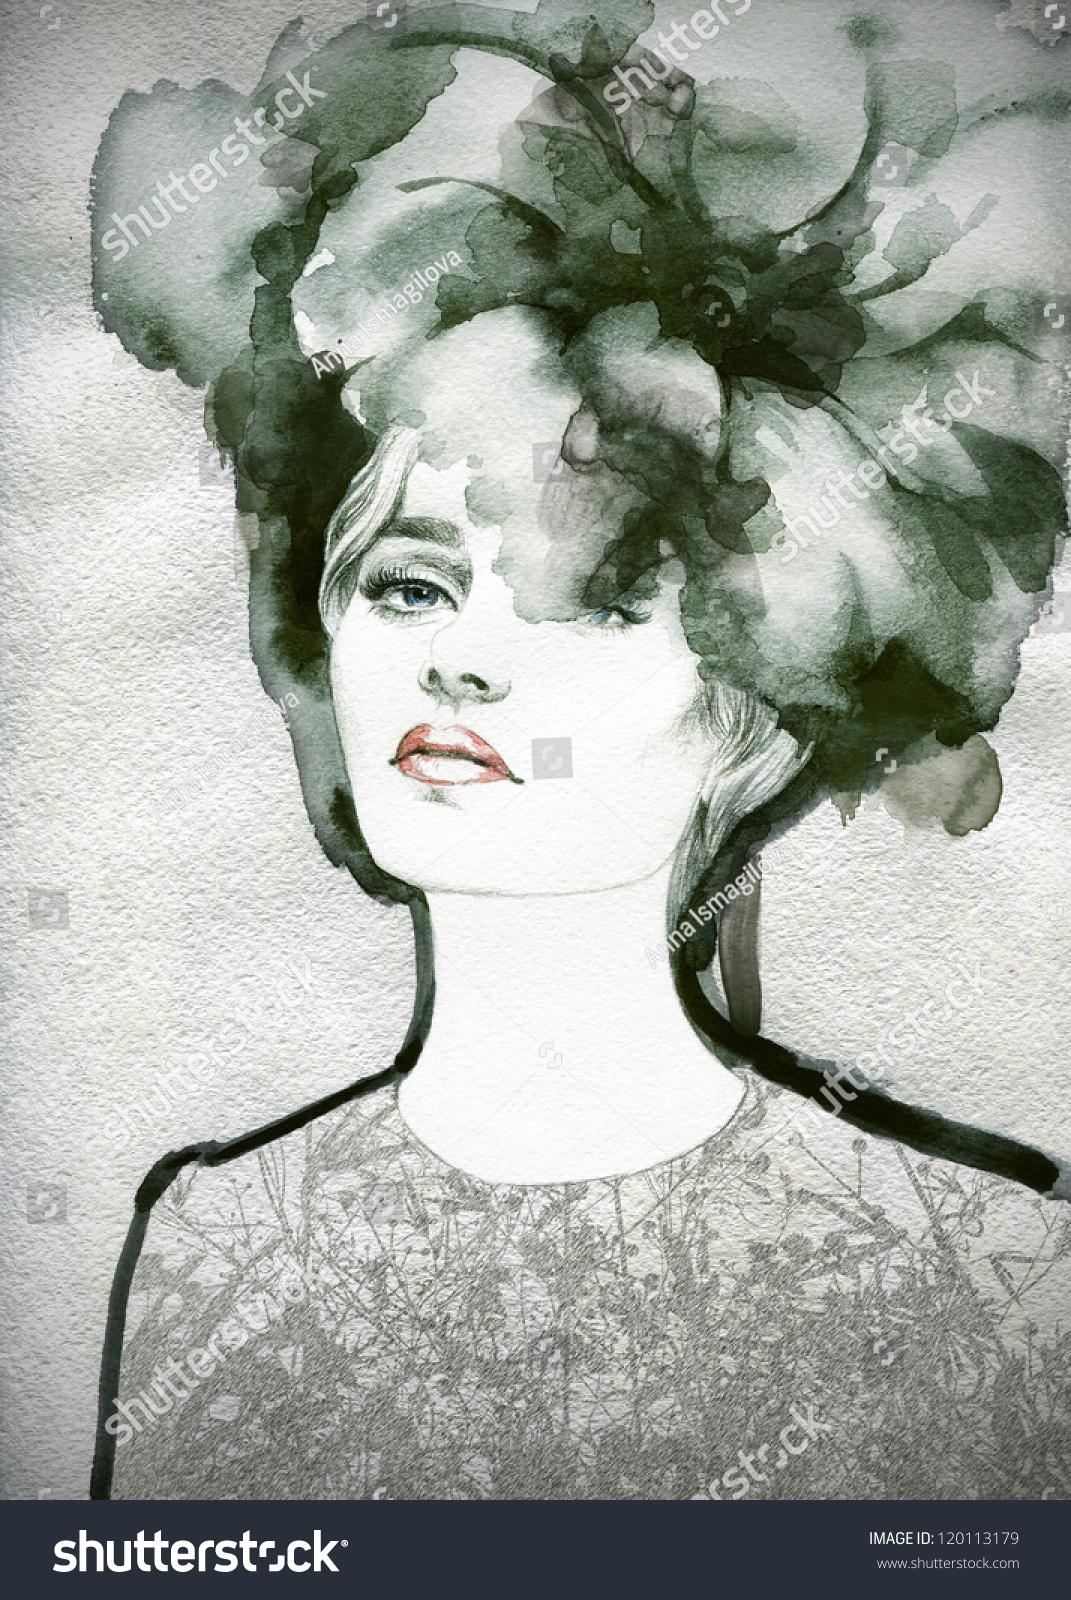 女人的脸.手绘时装插图-人物,美容/时装服饰-海洛创意